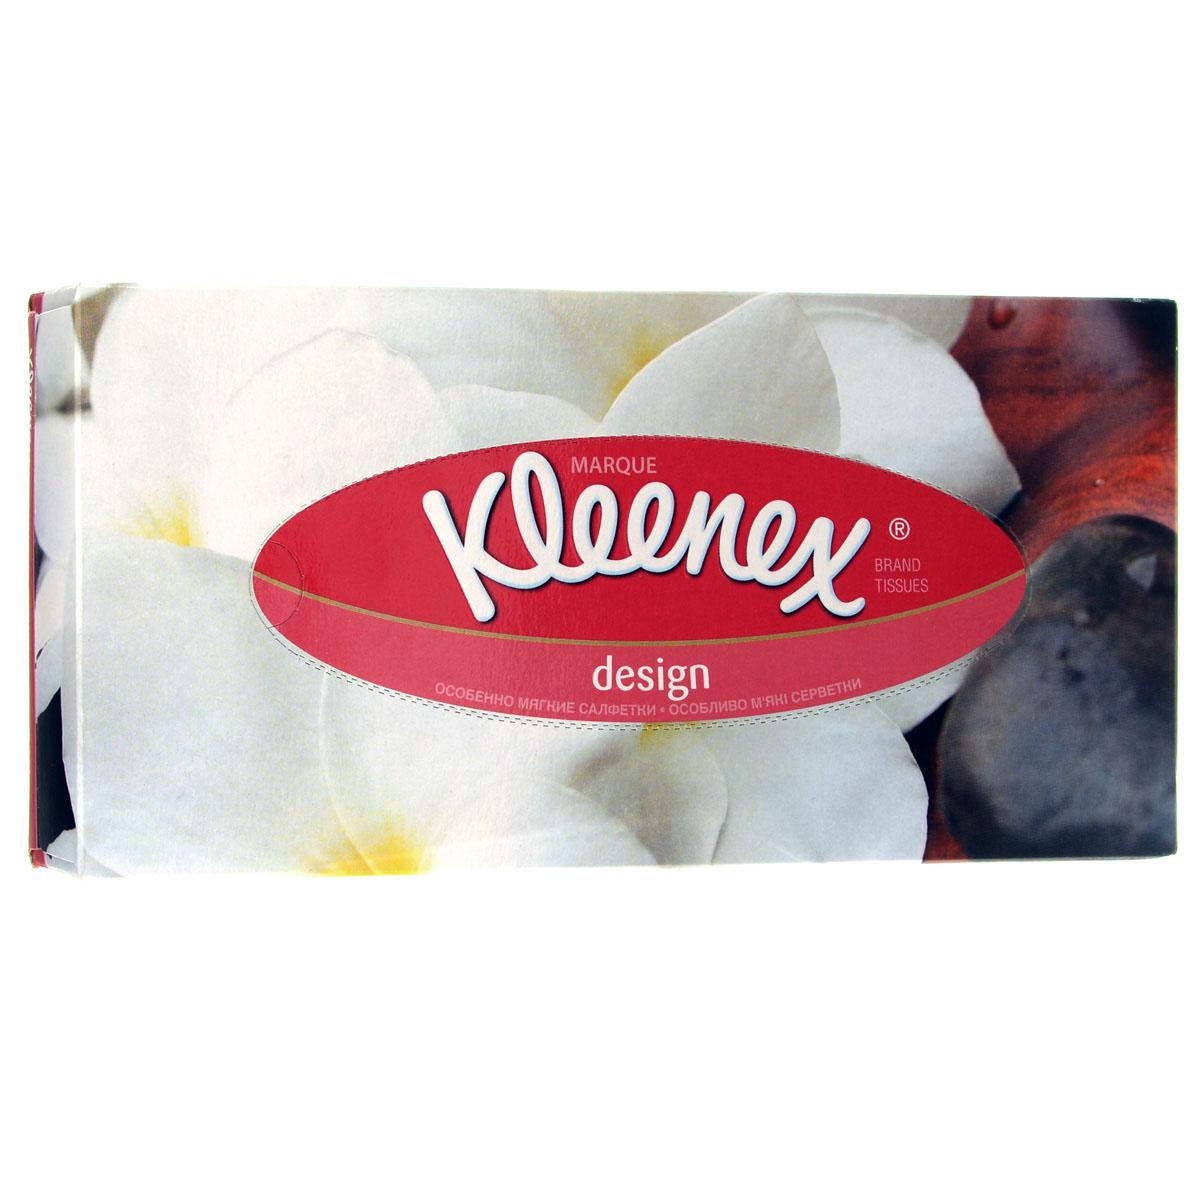 Салфетки универсальные Kleenex Design, двухслойные, 21,6 см х 21,6 см, 70 шт салфетки целлюлозные celesta универсальные 15 х 18 см 3 шт